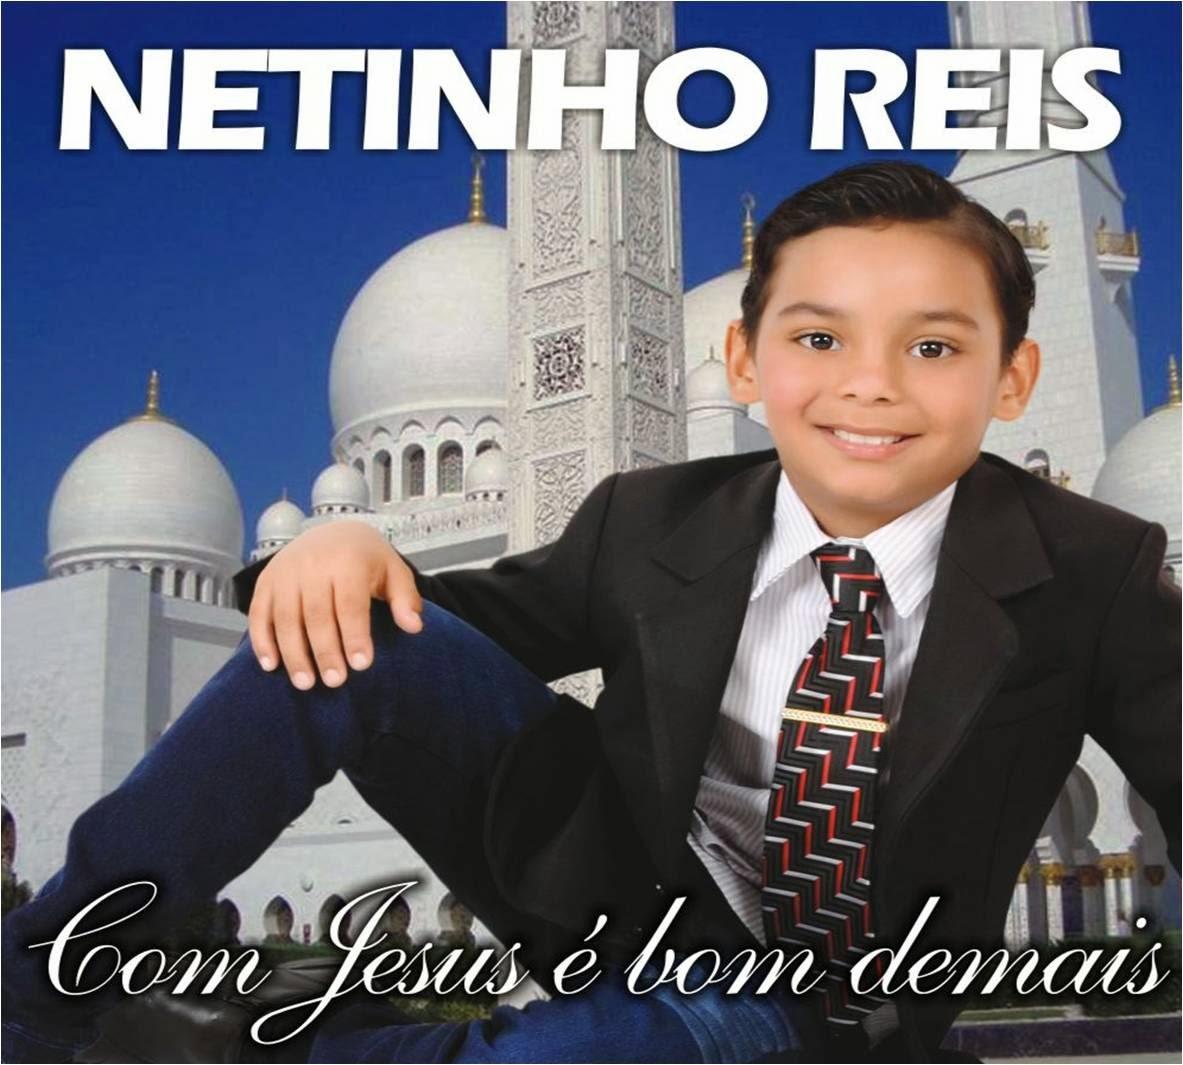 Cantor Gospel Netinho Reis